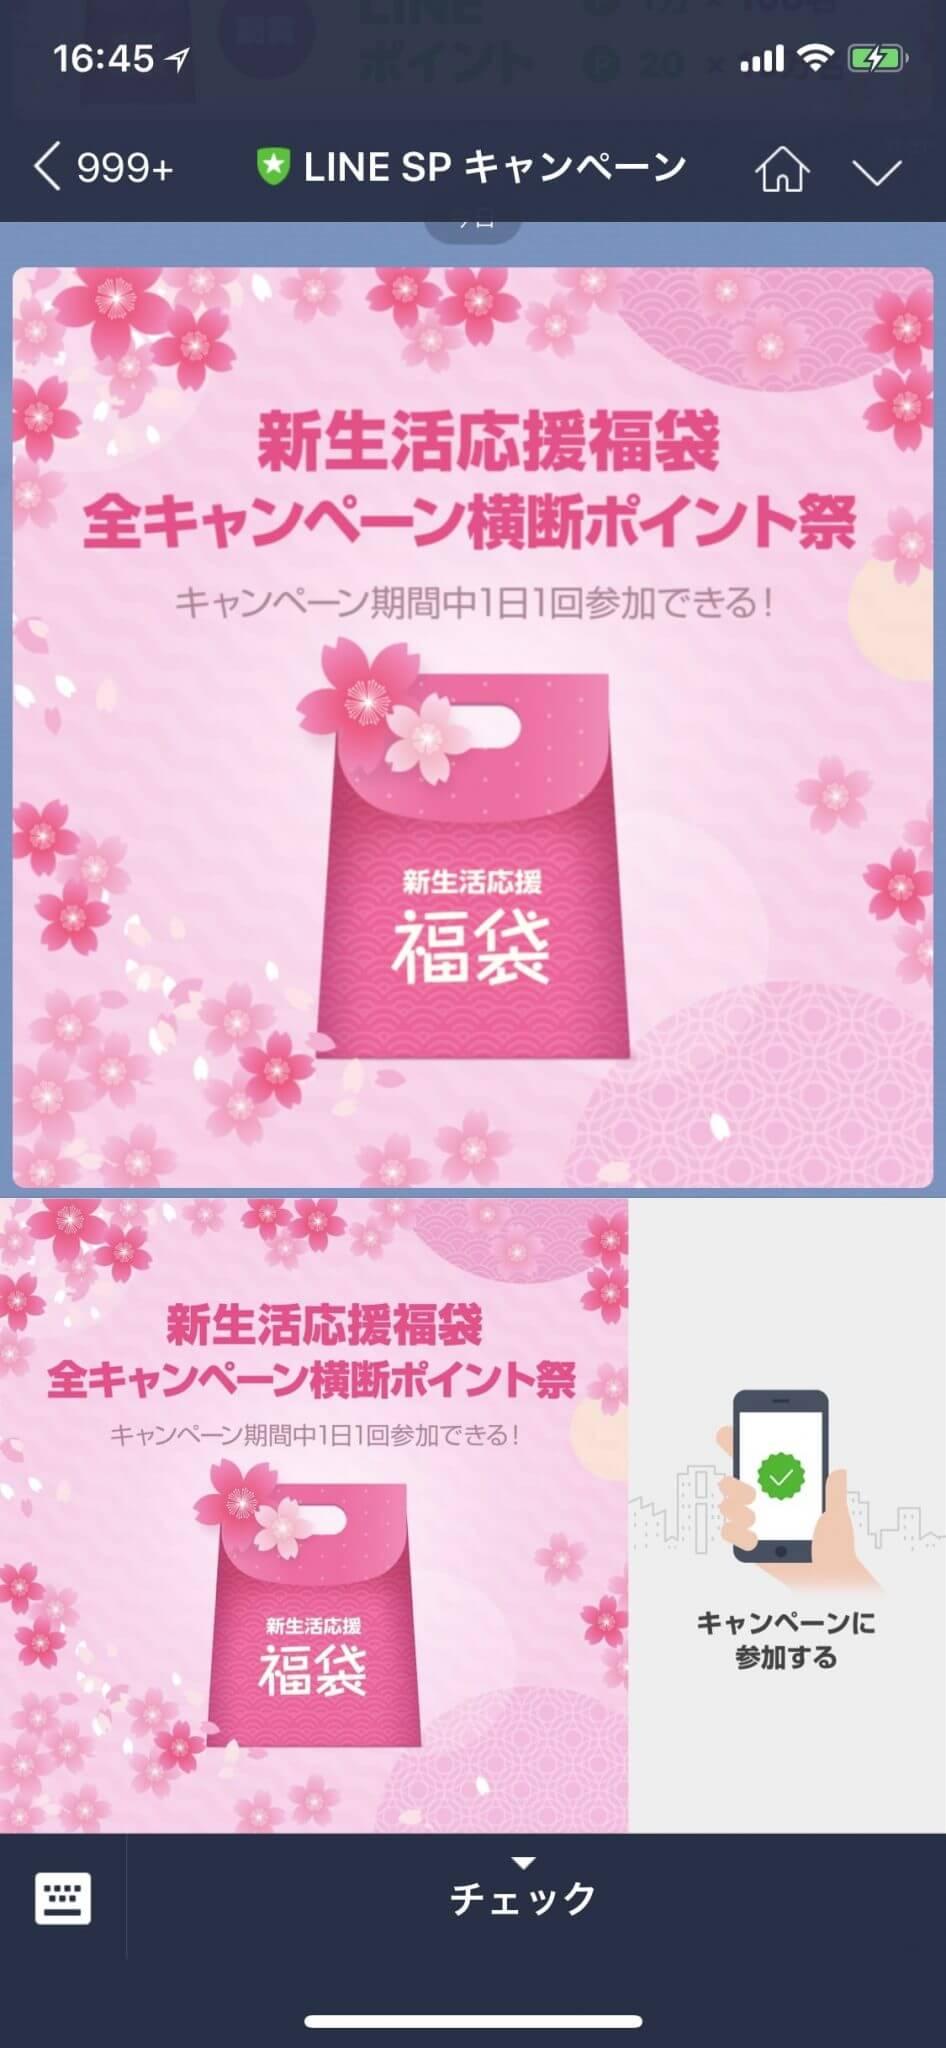 【ビジネス】LINE SP キャンペーン